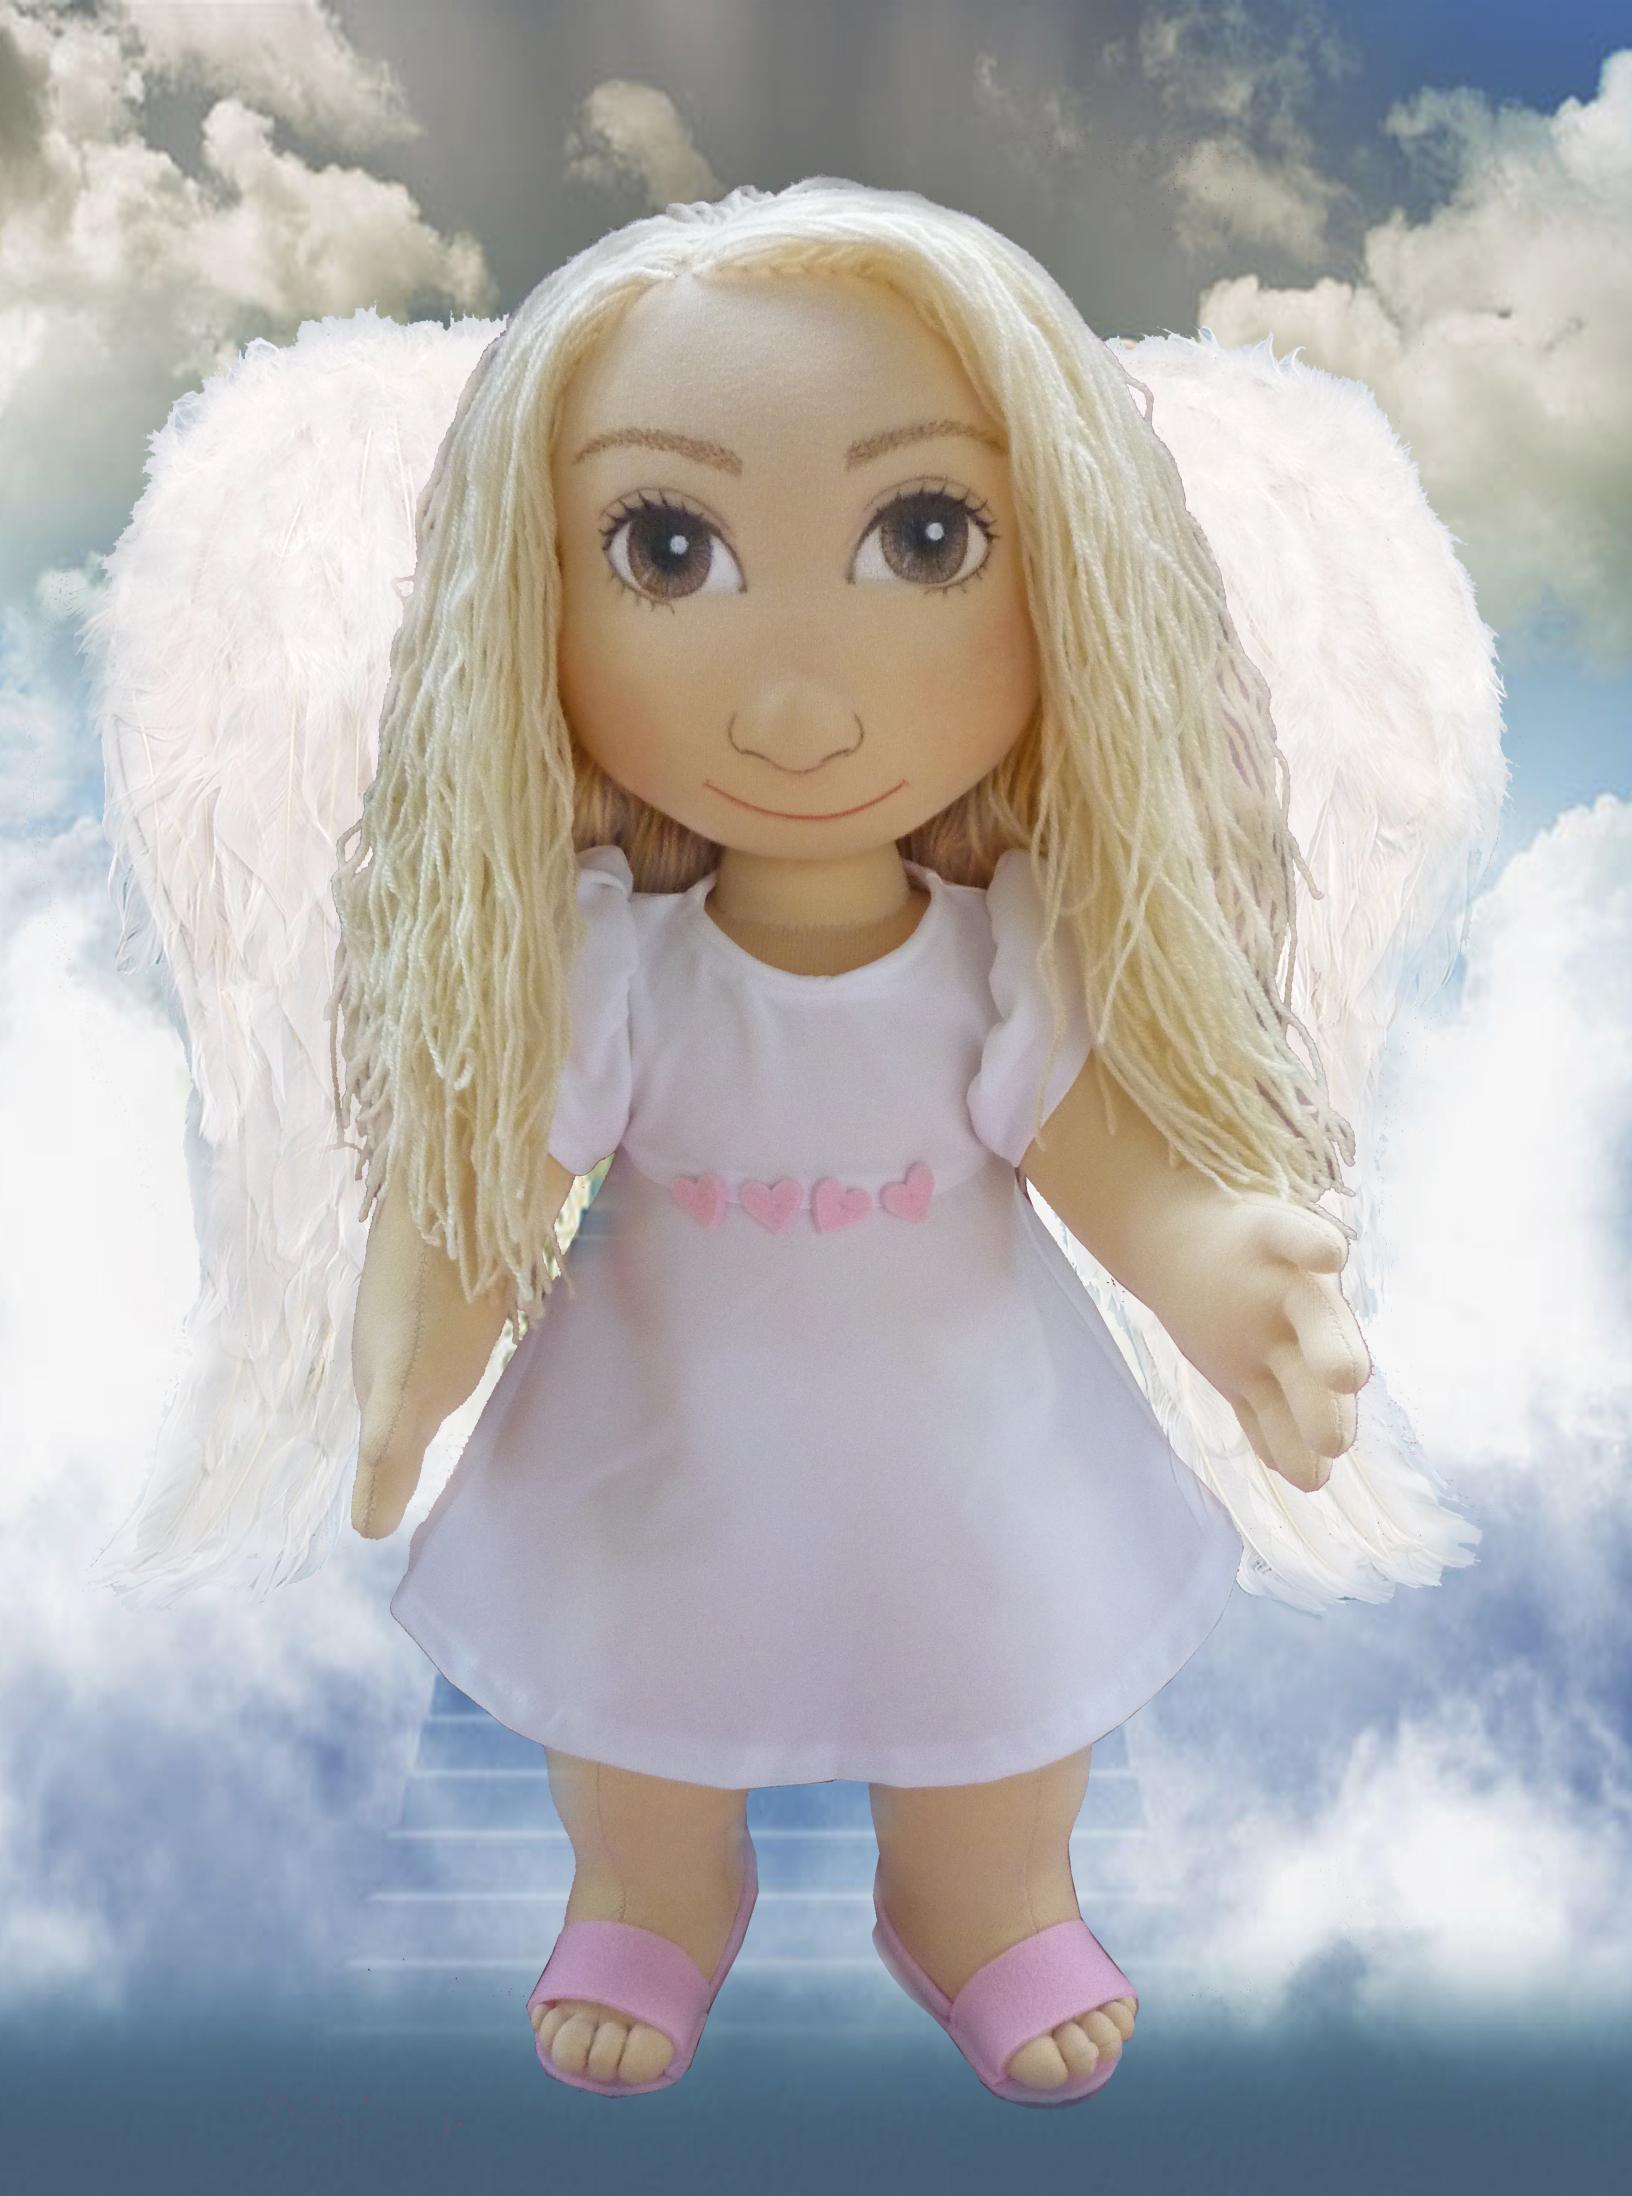 Ručně šitá terapeutická panenka je ideální jako hračka pro děti, ale jako pomůcka pro seniory.